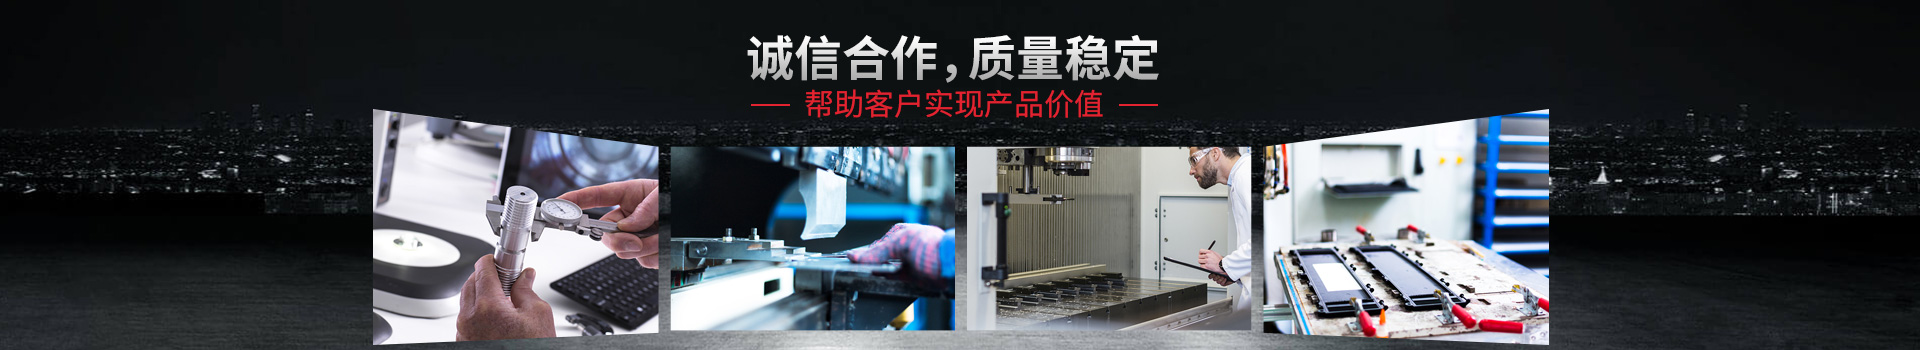 深圳CNC加工厂家,CNC精密机械加工,CNC加工定制——诚信合作,质量稳定